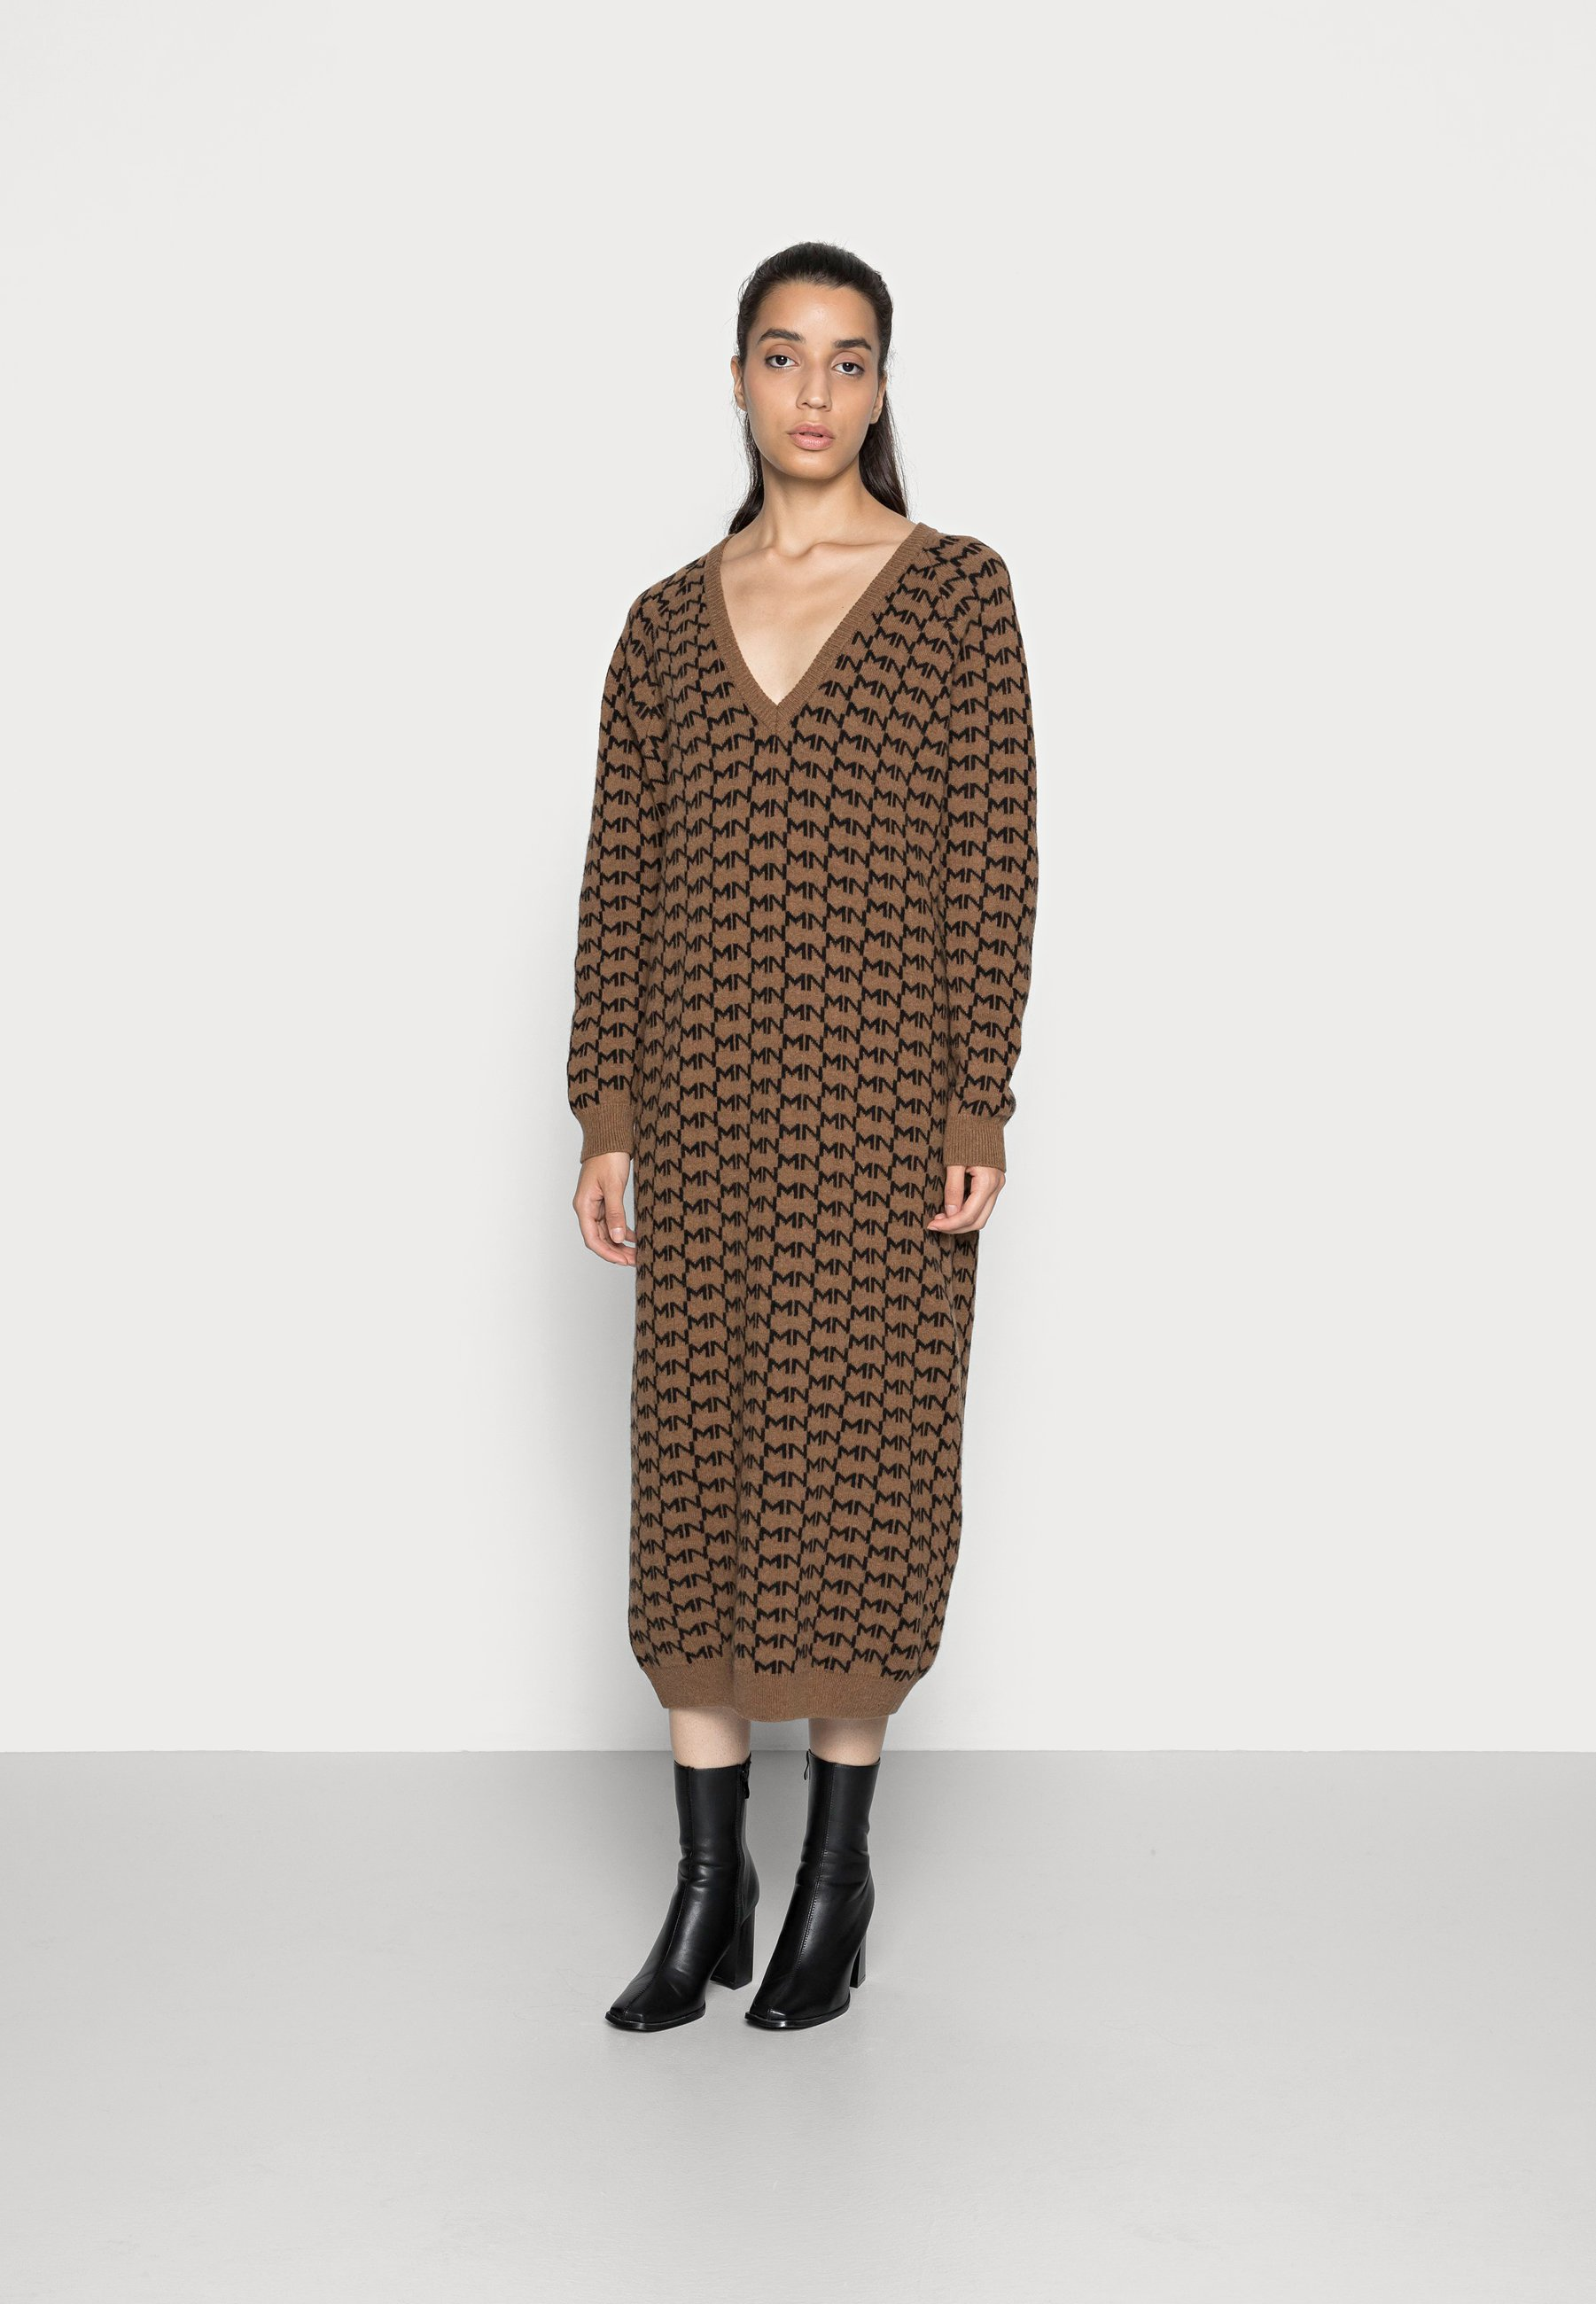 Women DELTA LOGO DYNAMO - Jumper dress